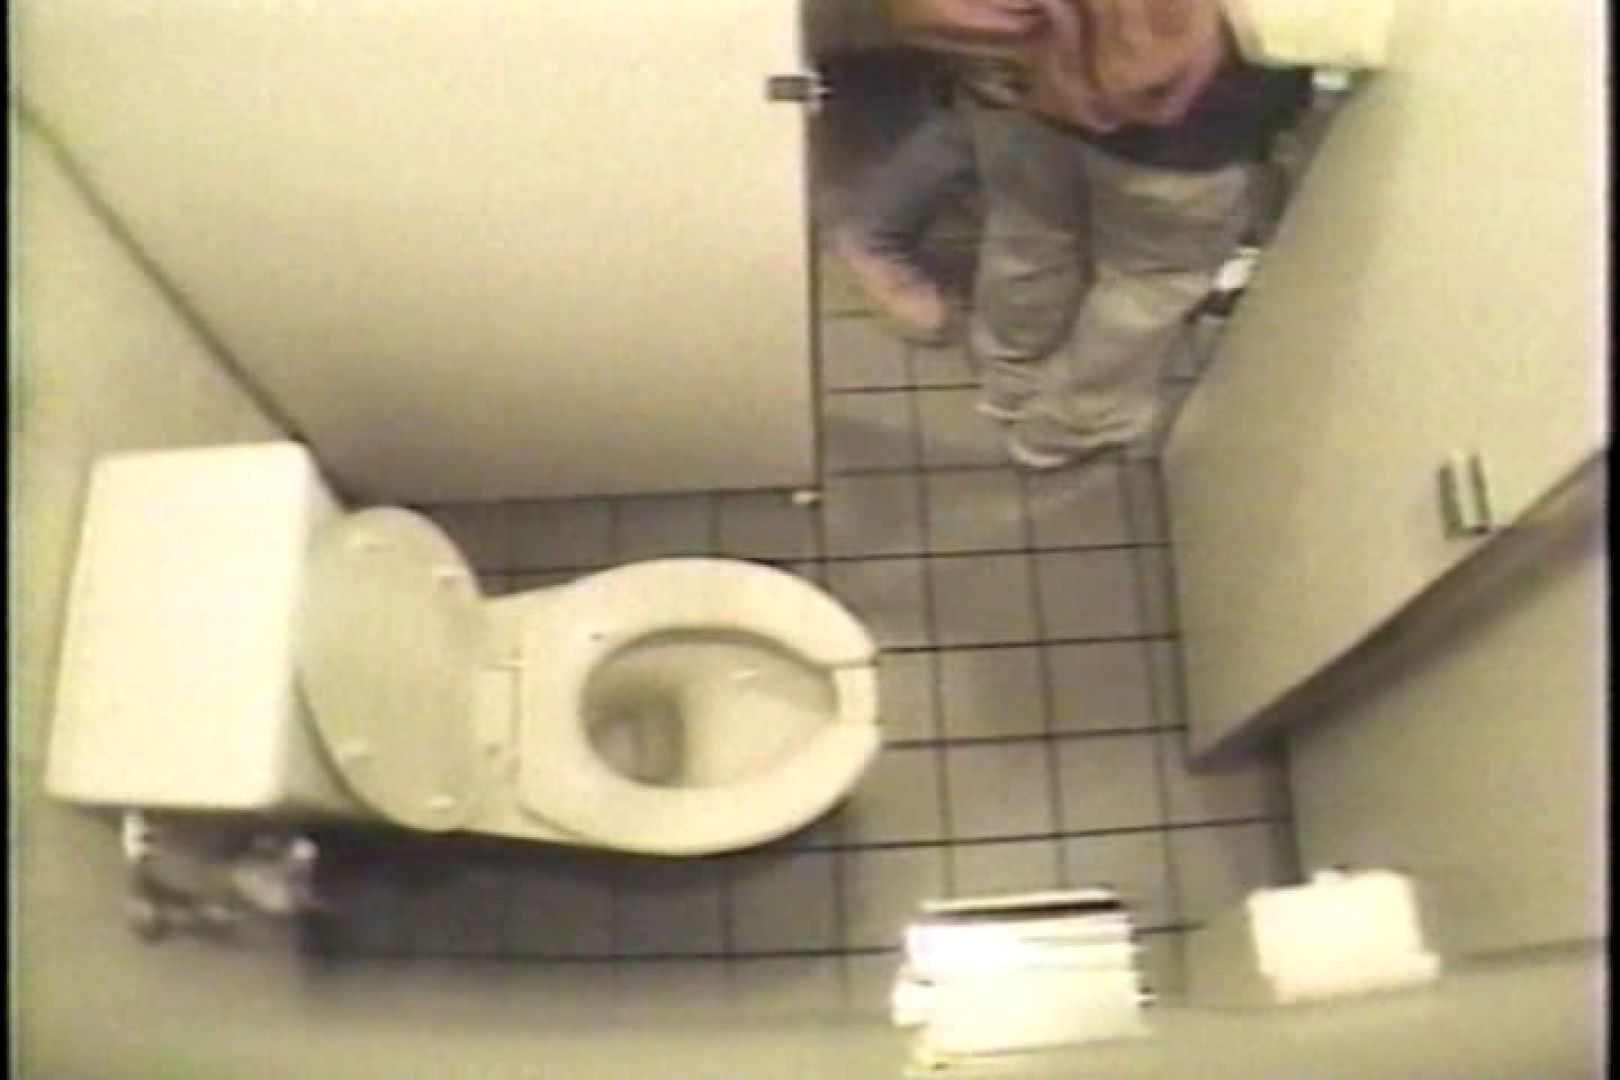 盗撮 女子洗面所3ヶ所入ってしゃがんで音出して 洗面所 盗み撮りAV無料動画キャプチャ 67pic 11